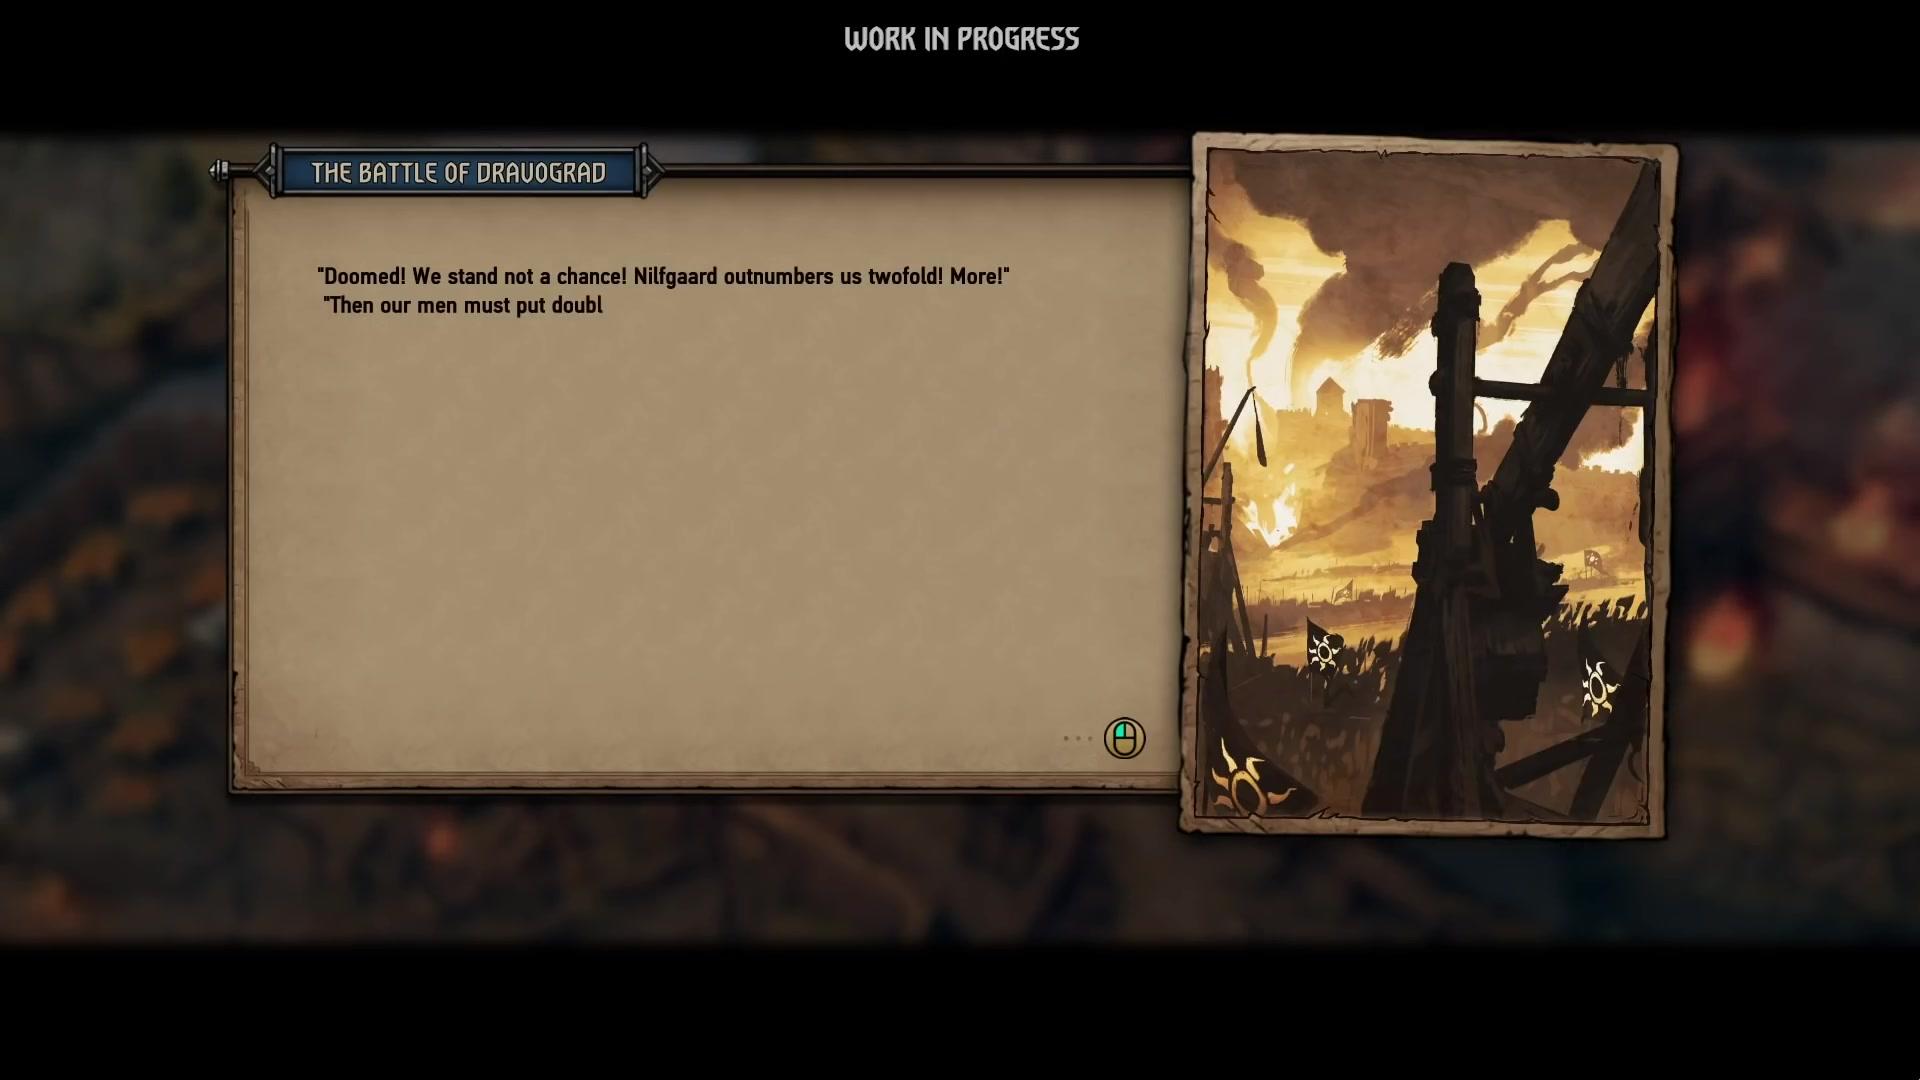 巫师之昆特牌:王权的陨落 - 叽咪叽咪   游戏评测